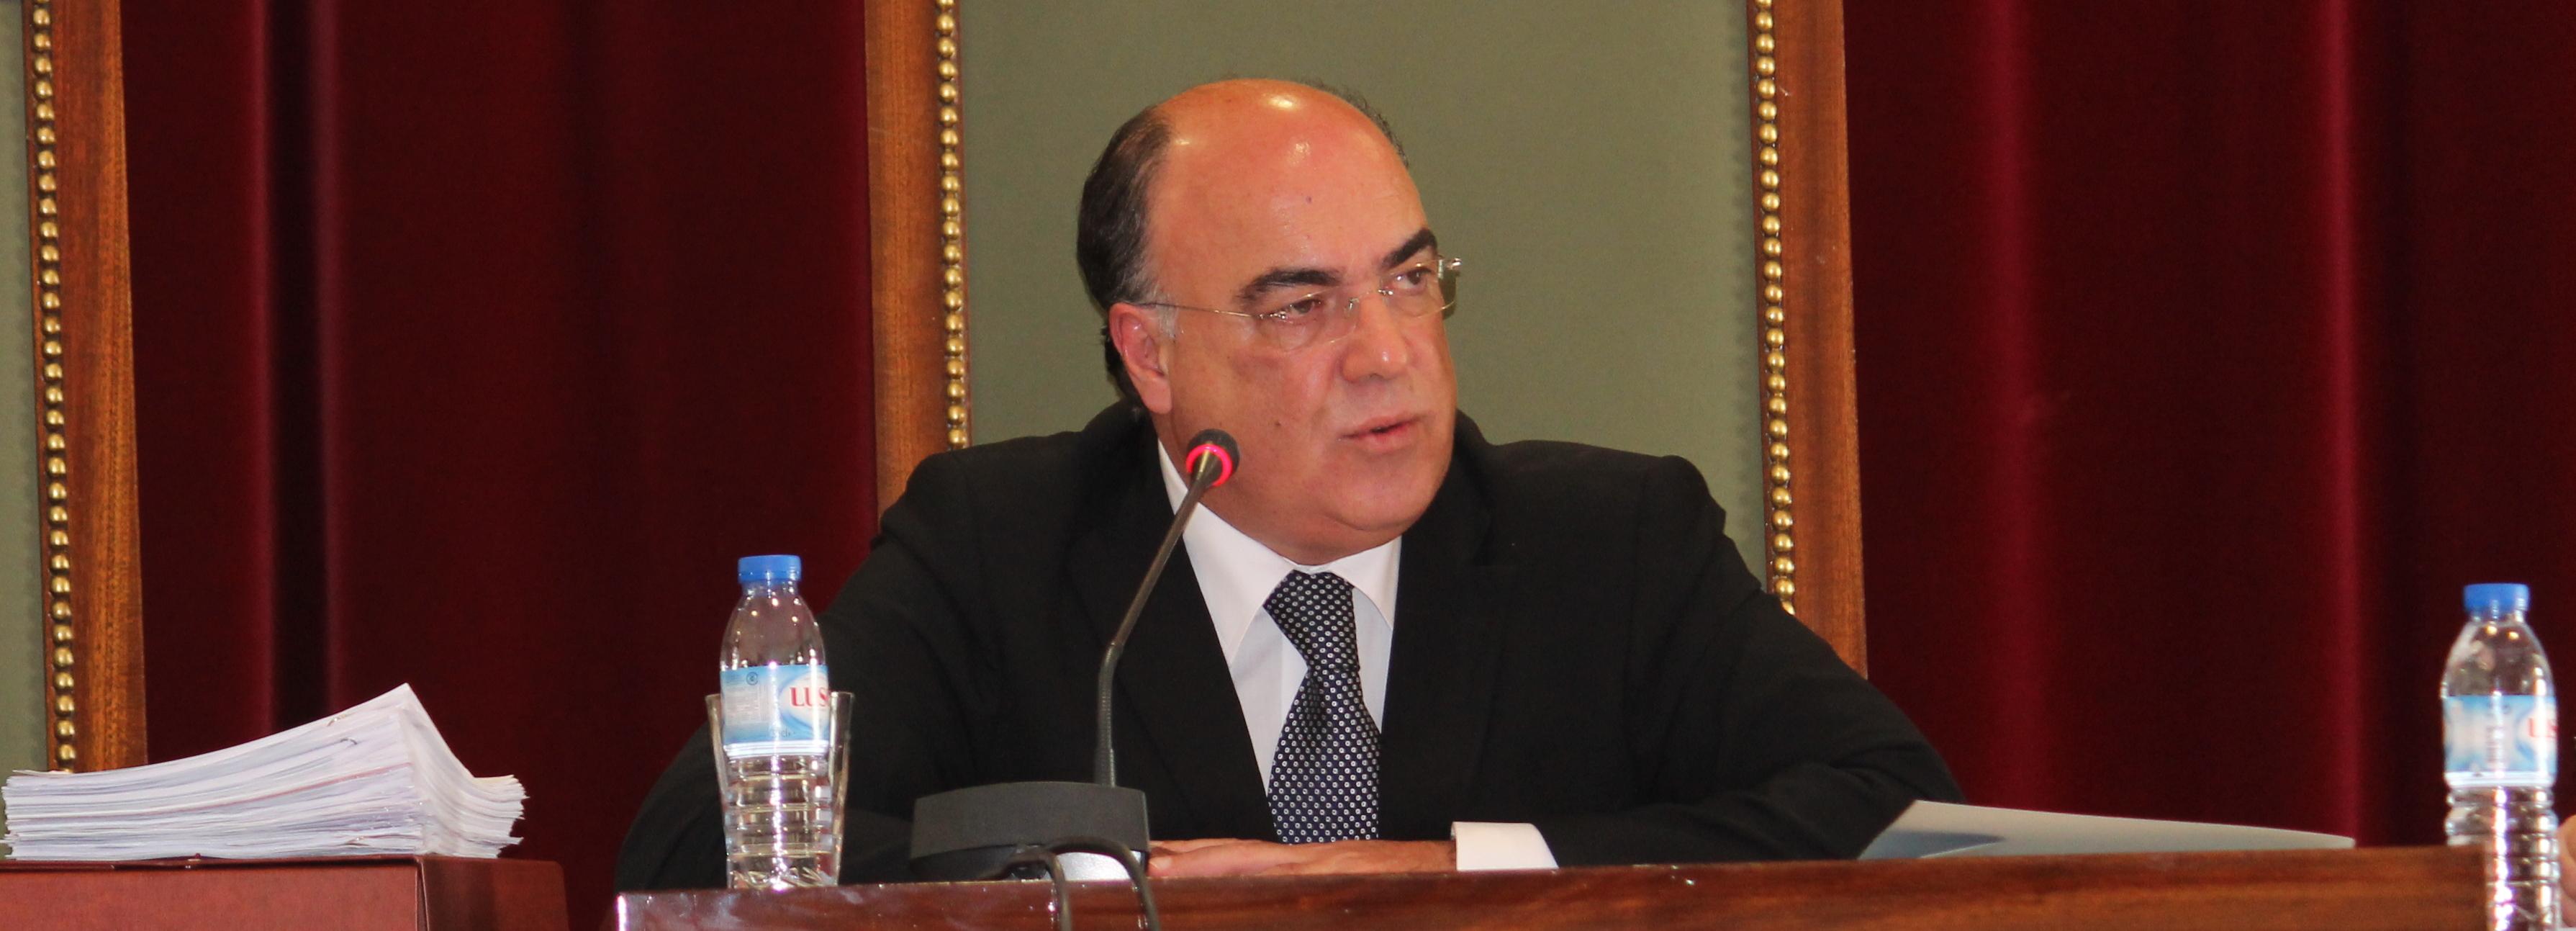 Câmara Municipal aprova cedência de instalações à Junta de Freguesia de Lijó